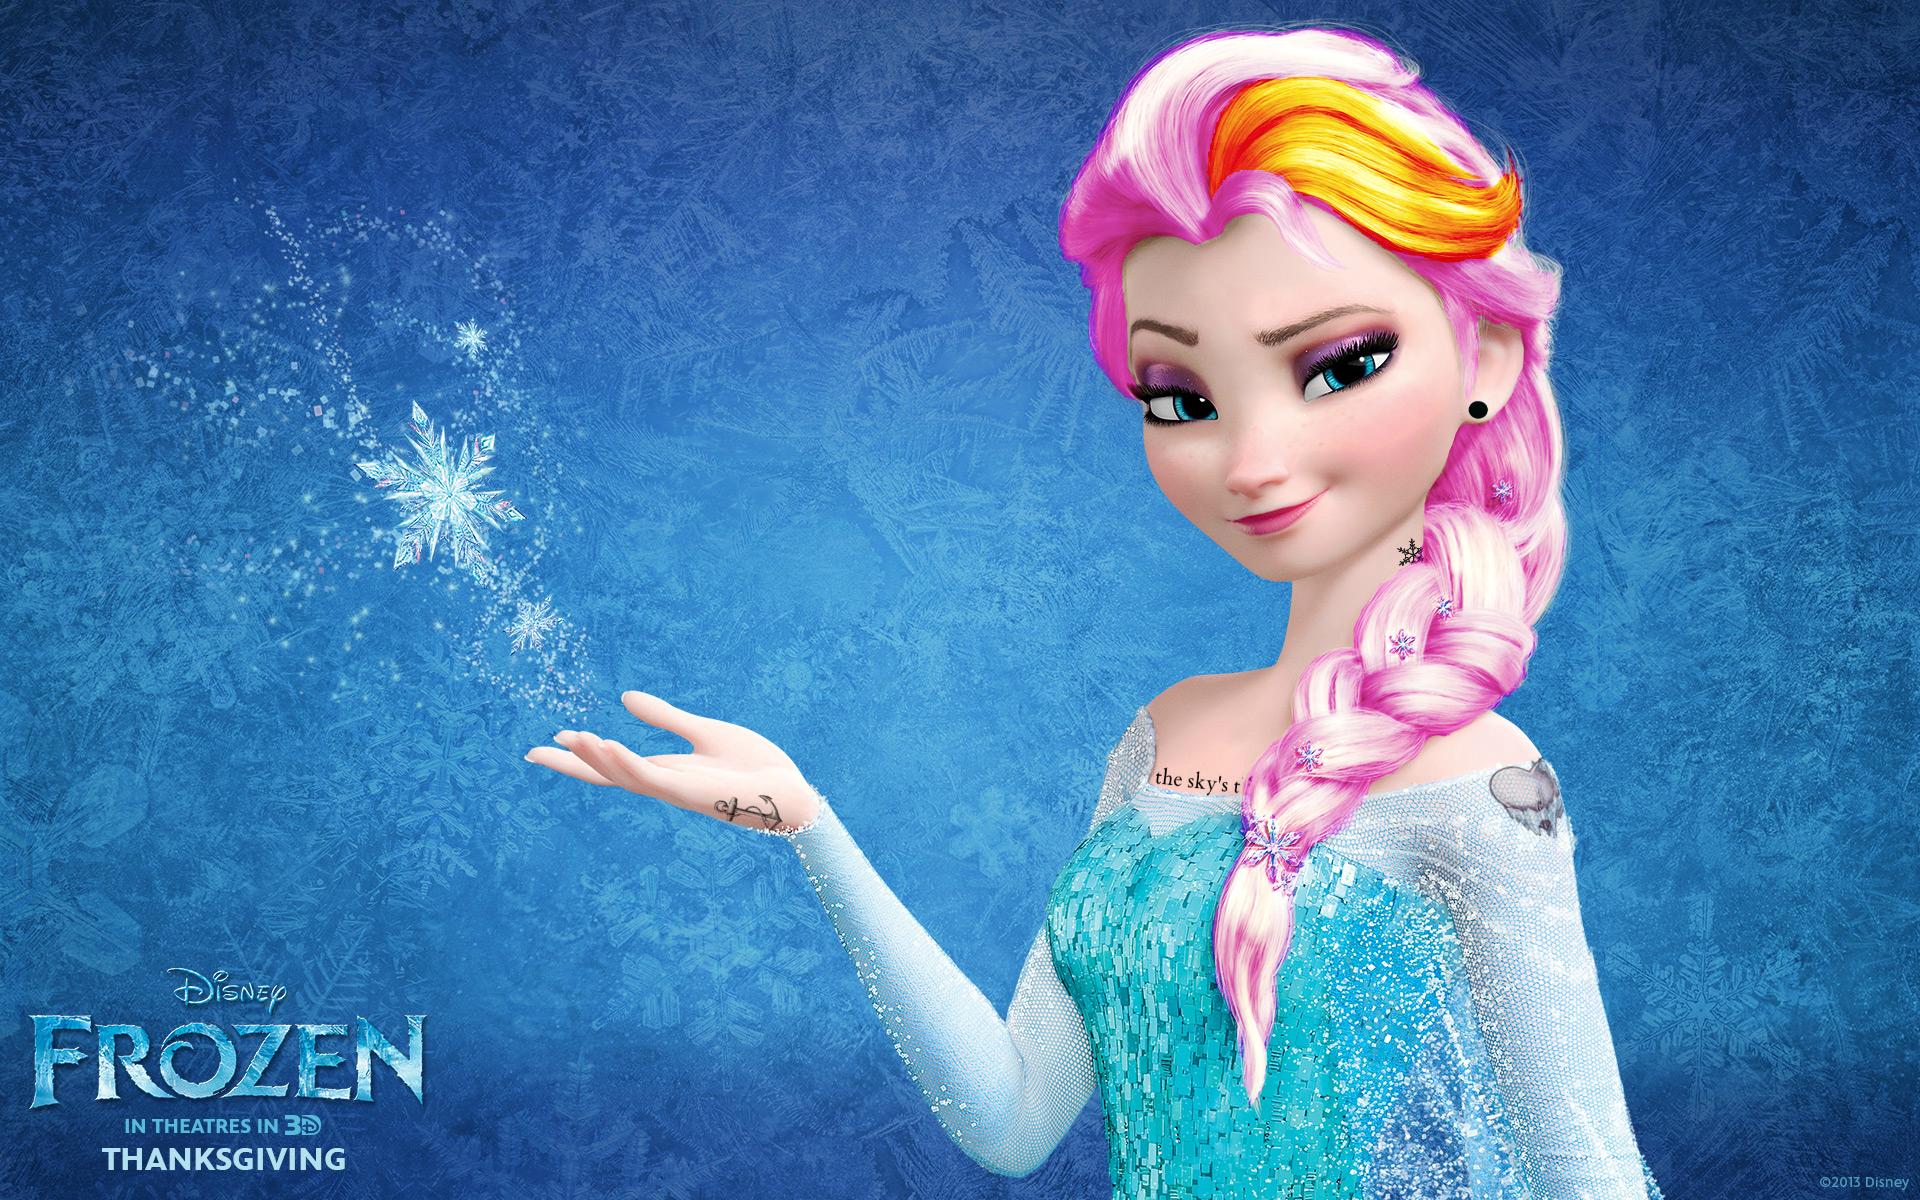 Disney Princess image disney princess 36601729 1920 1200png 1920x1200